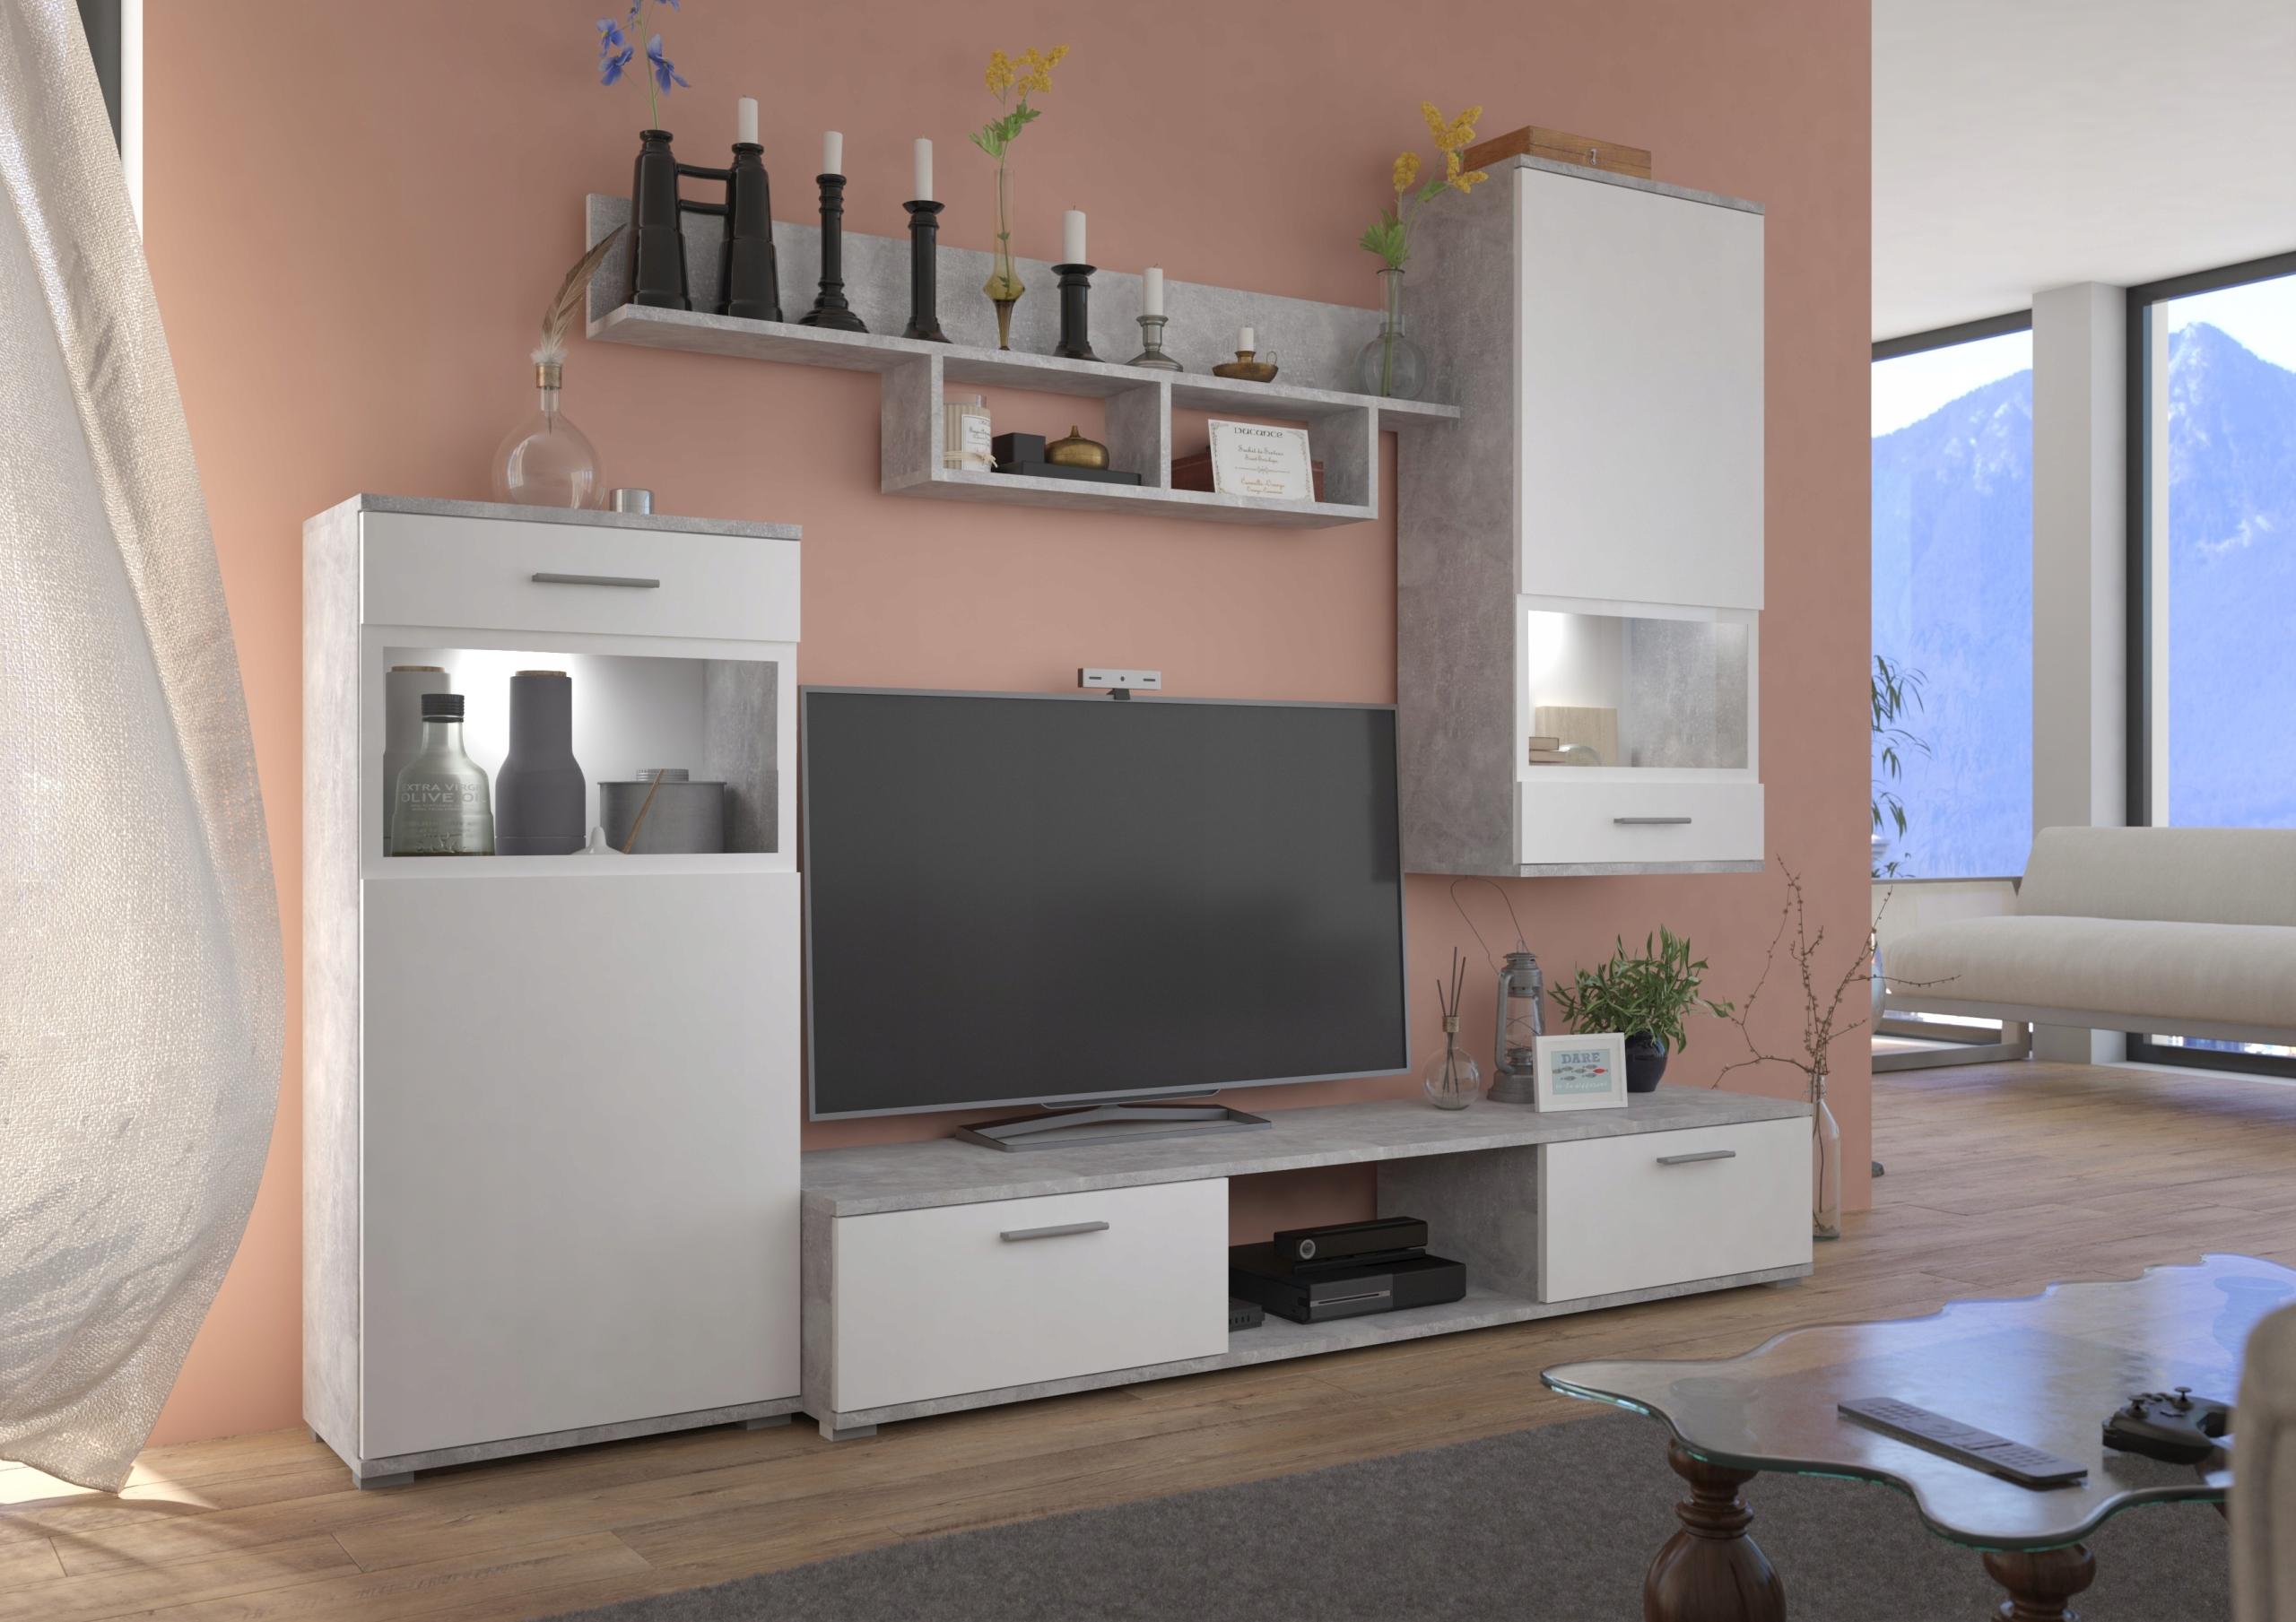 Nástenná jednotka RETRO obývacia izba pre mládež